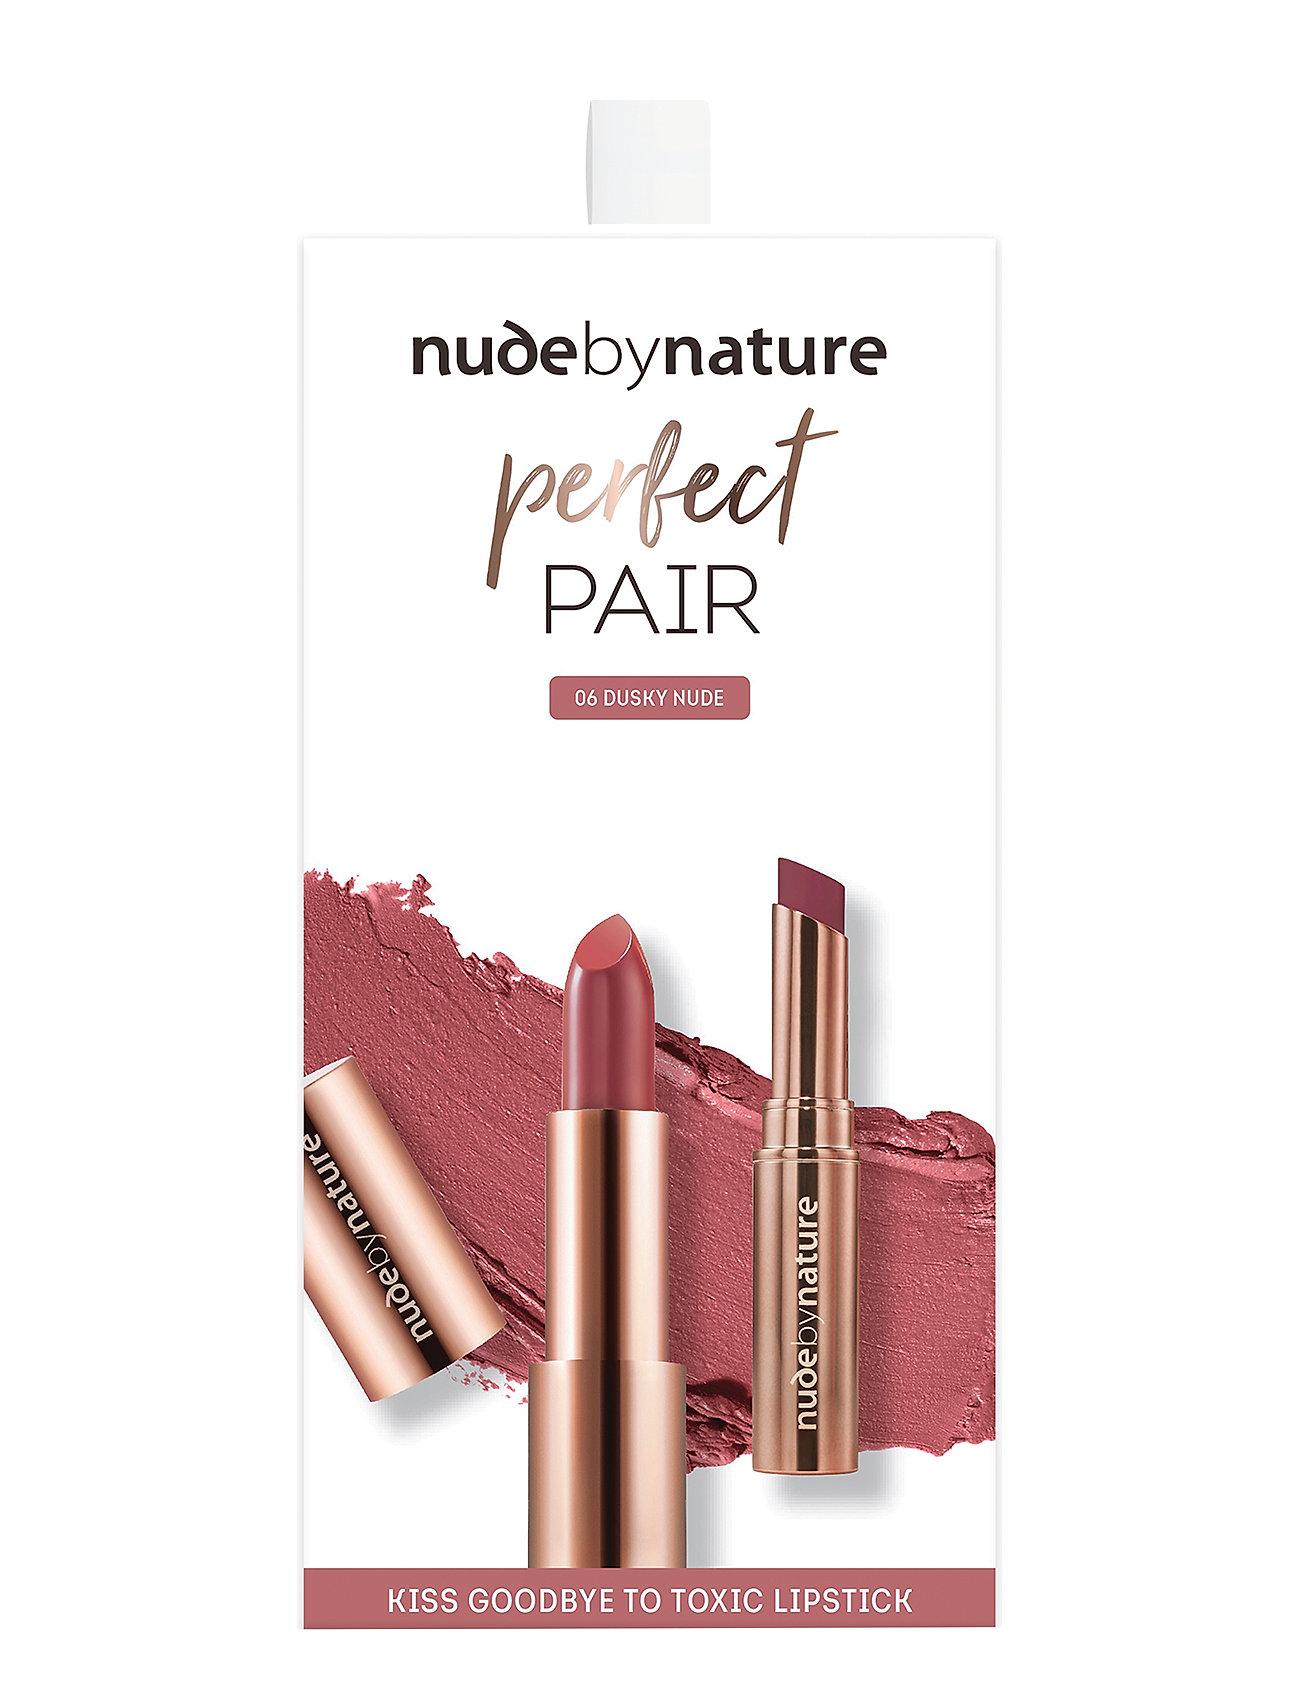 Image of Kits Perfect Pair Lip Kit Dusky Nude Makeupsæt Makeup Nude By Nature (3350217187)